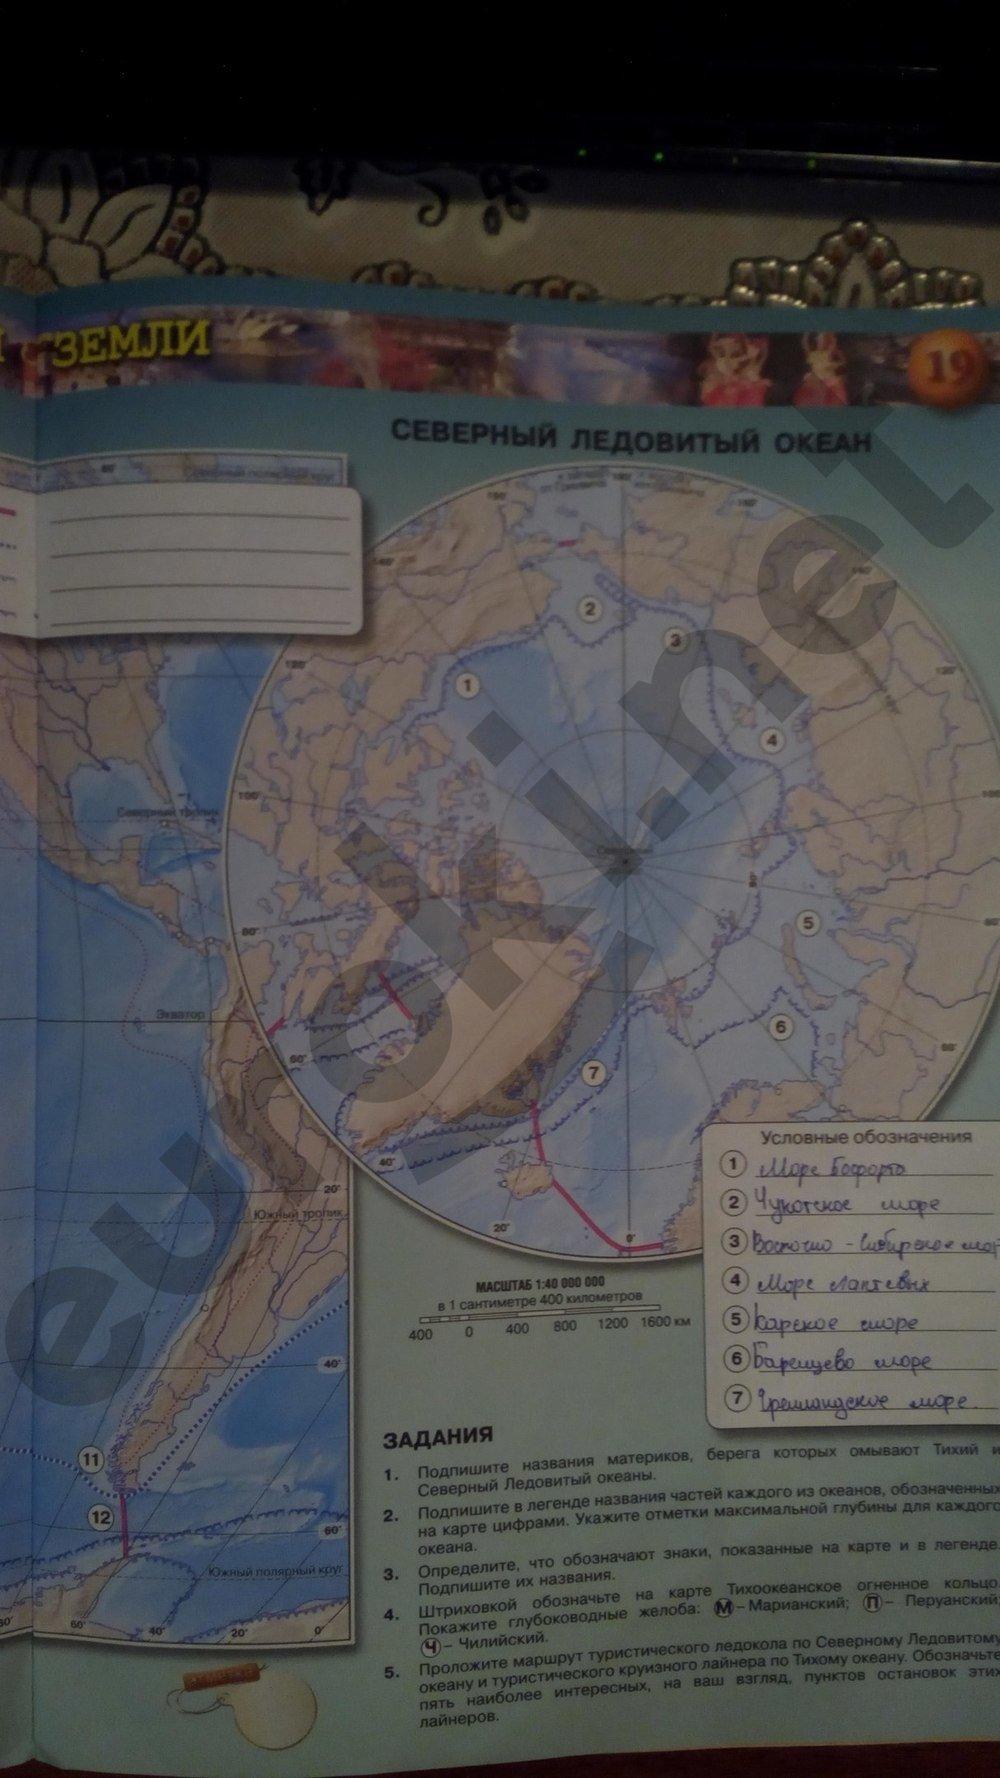 Гдз по географии 7 класс сферы